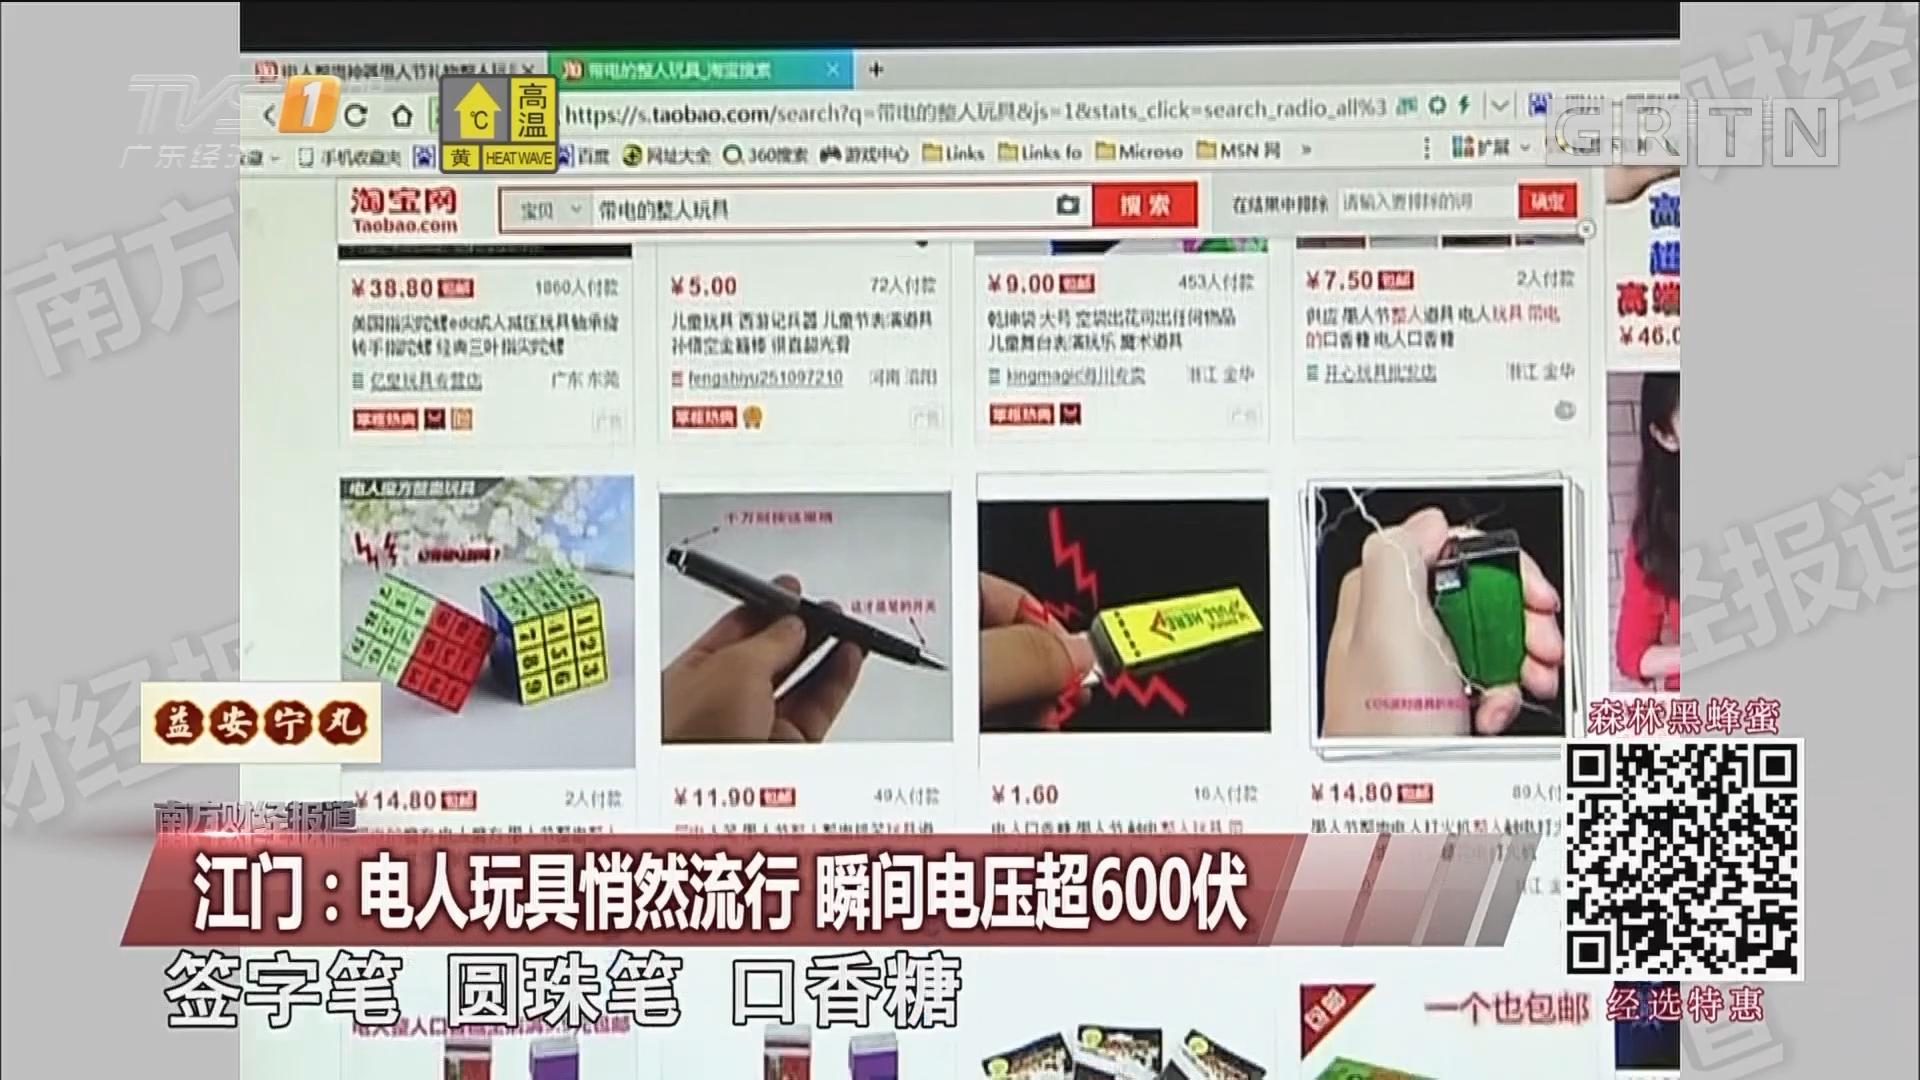 江门:电人玩具悄然流行 瞬间电压超600伏